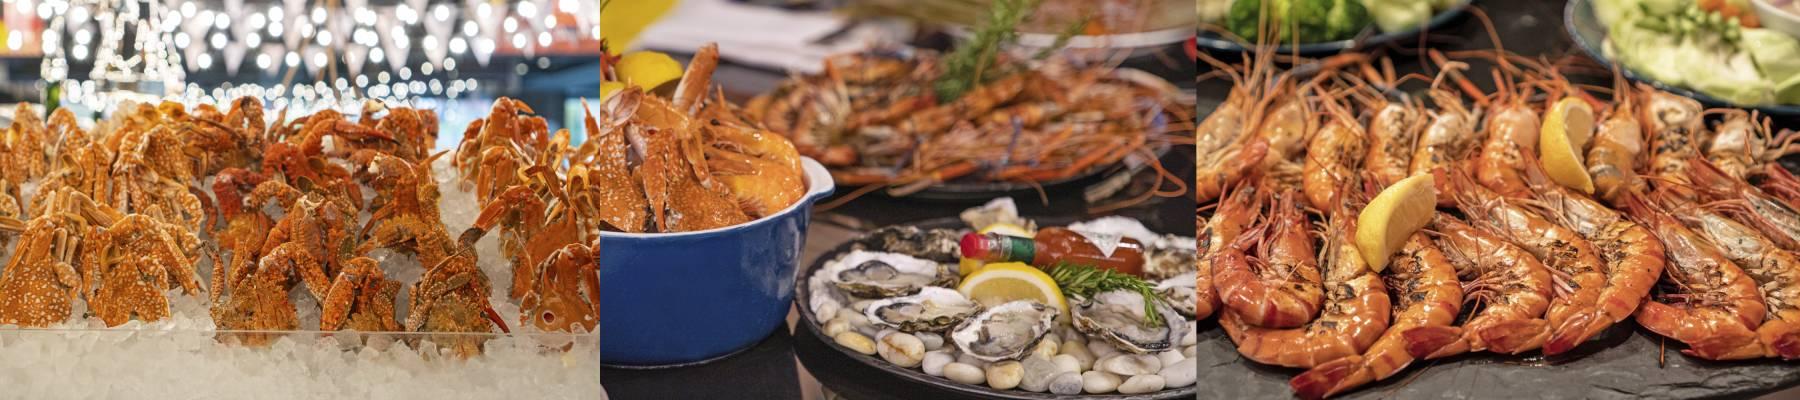 曼谷螃蟹自助餐